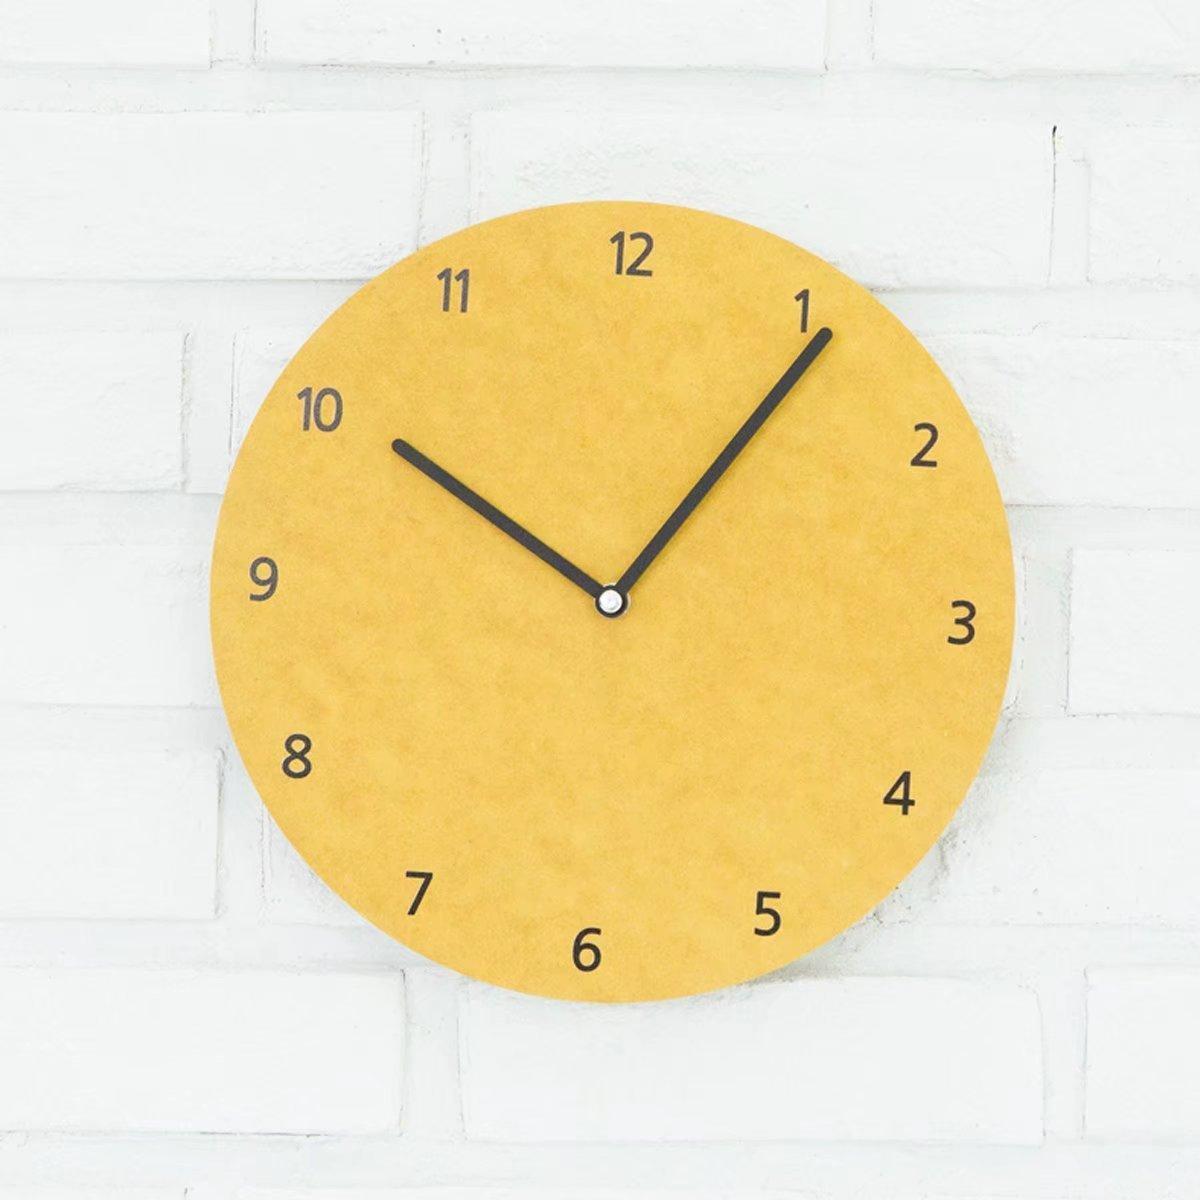 壁時計 クロック 壁掛け時計 時計 掛け時計 数字時計 wall clock 無音 電池式 静音 欧風 ファッション 簡約 彫り シンプル デザイン ホーム用品 おしゃれ 掛け時計 デジタル インテリア 客間 リビング グリーン OSONA B071FKHK3Y 幅26cm*高さ26cm|グリーン グリーン 幅26cm*高さ26cm